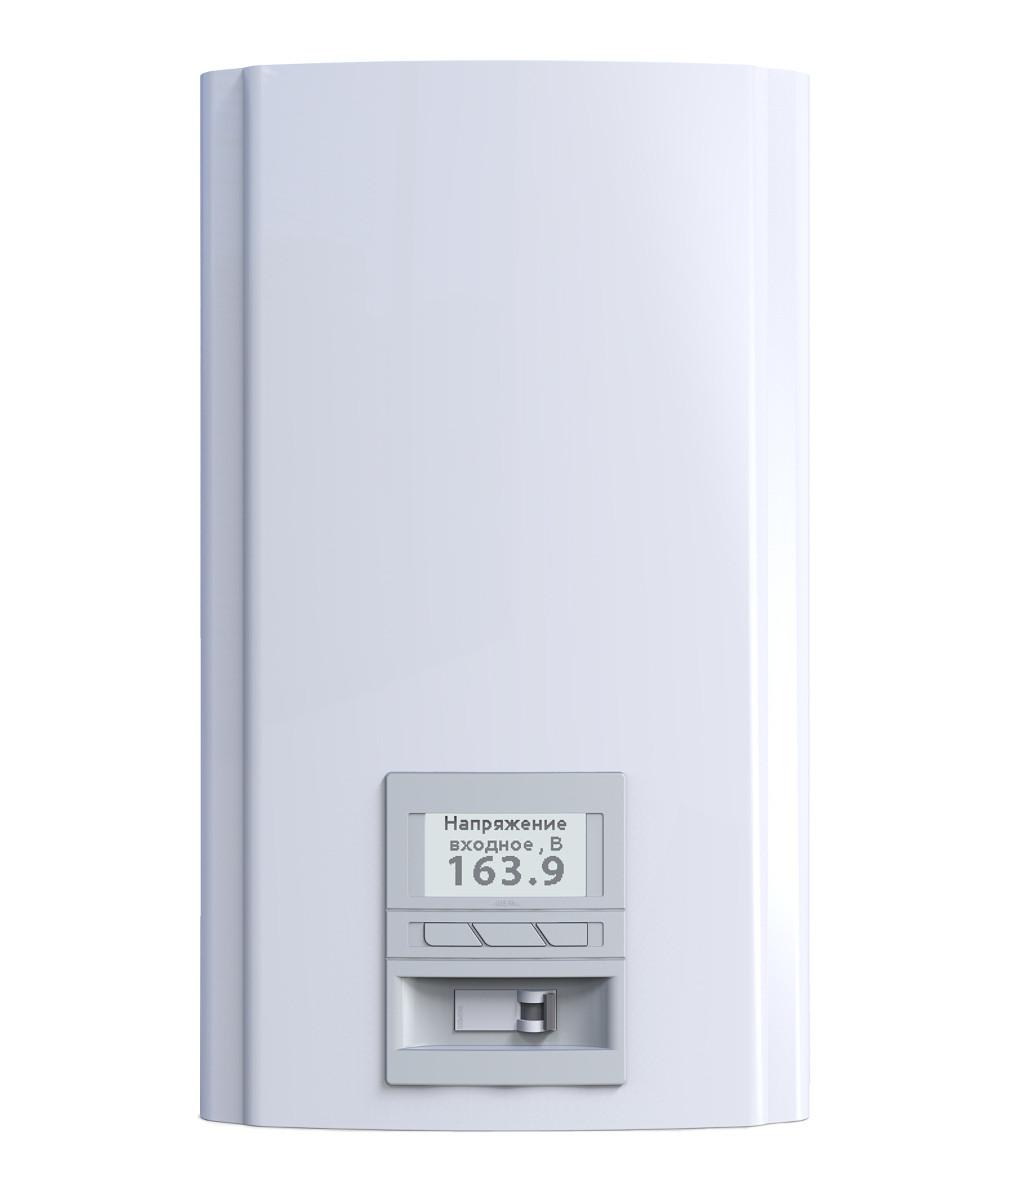 Однофазный стабилизатор напряжения Элекс ГЕРЦ У 36-1-25 v3.0 (5.5 кВт)